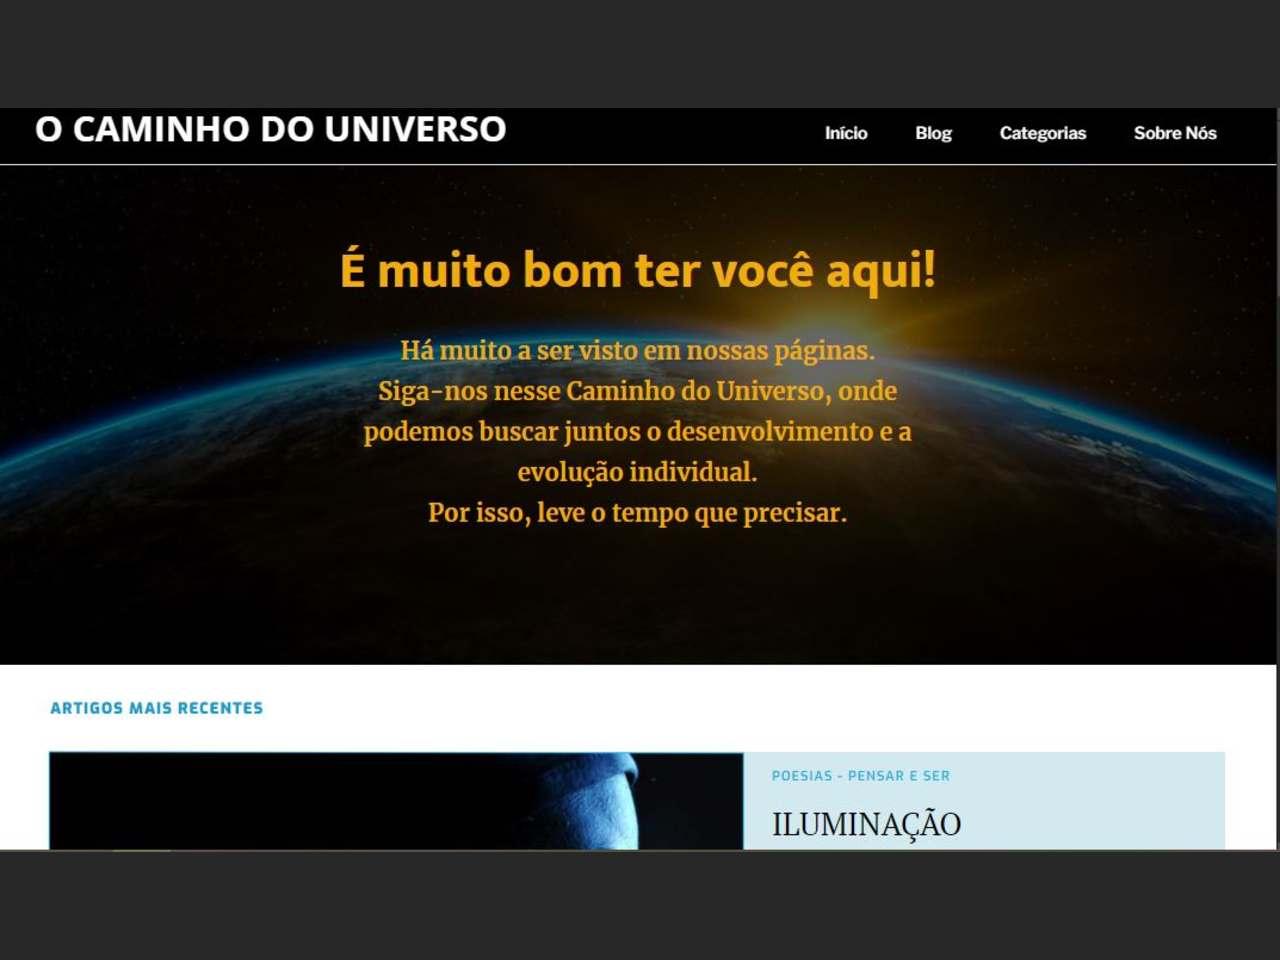 Site O Caminho do Universo